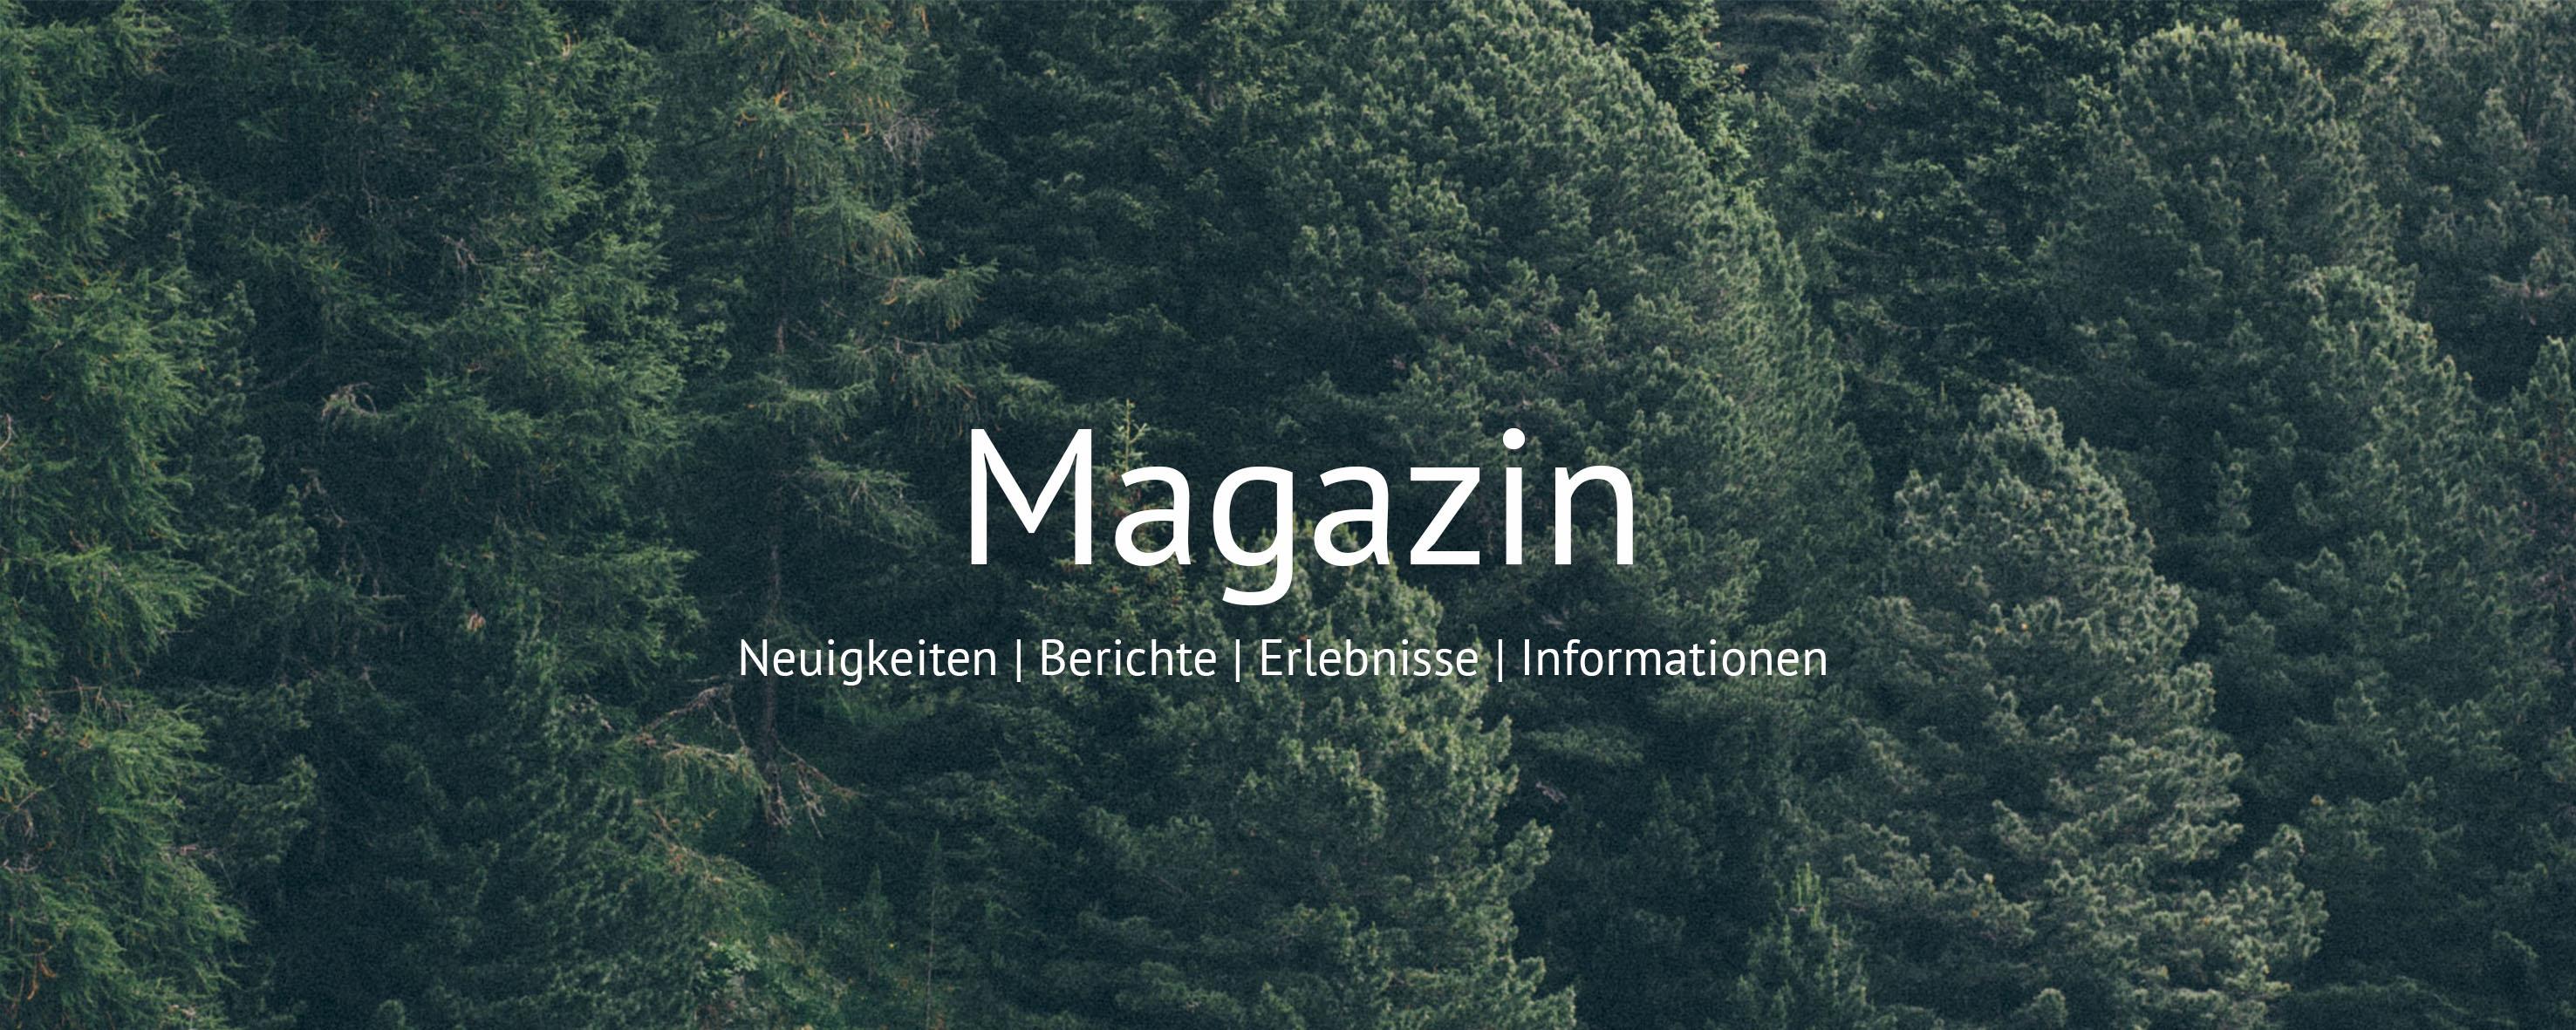 Wissenswertes über die Zirbe, Zirbenholz und ZirbenLüfter. Studien TU Wien.